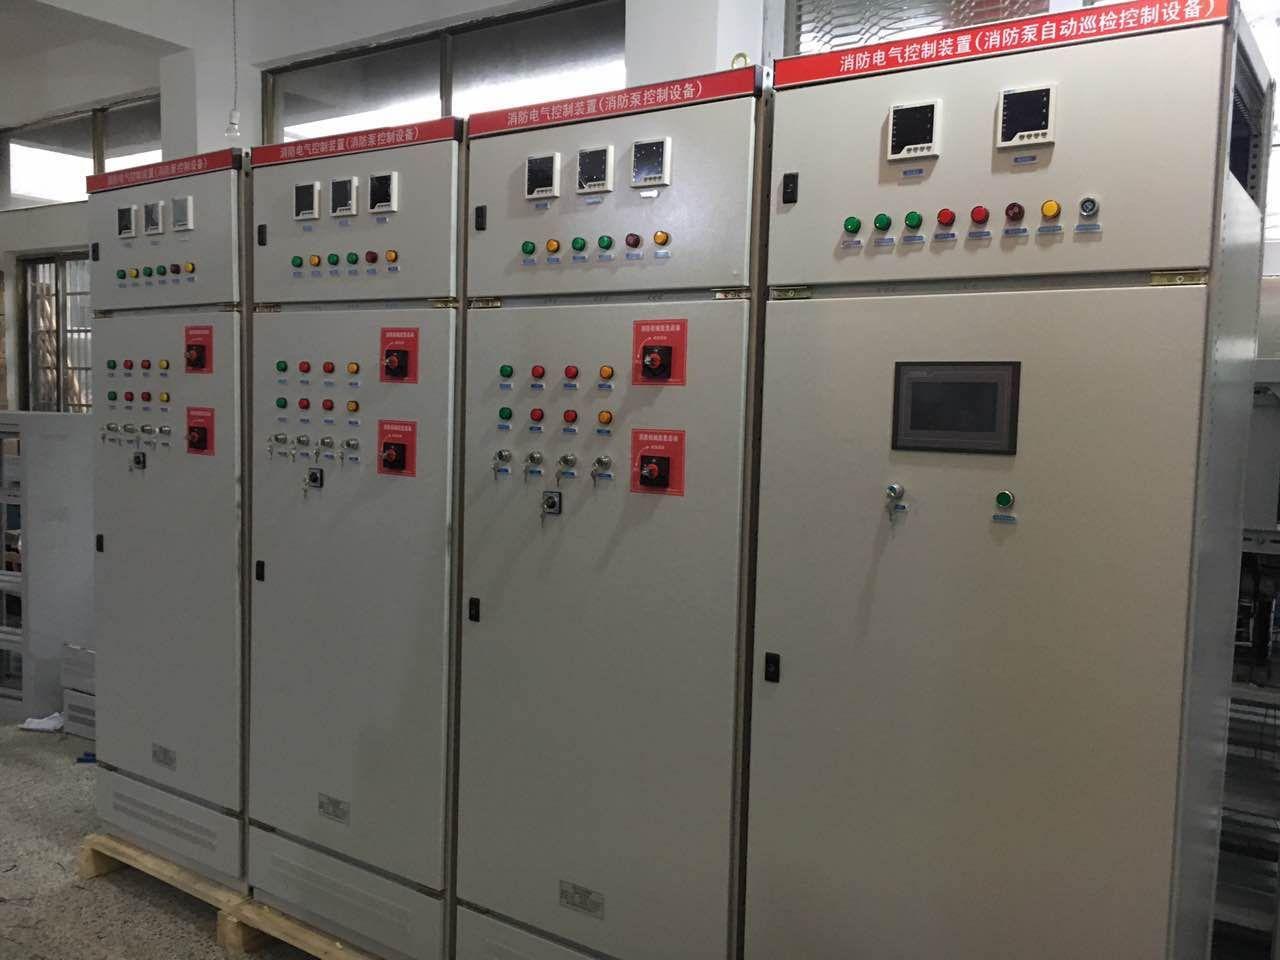 QW-G2DW|行业资讯-浙江清屋电气科技有限公司